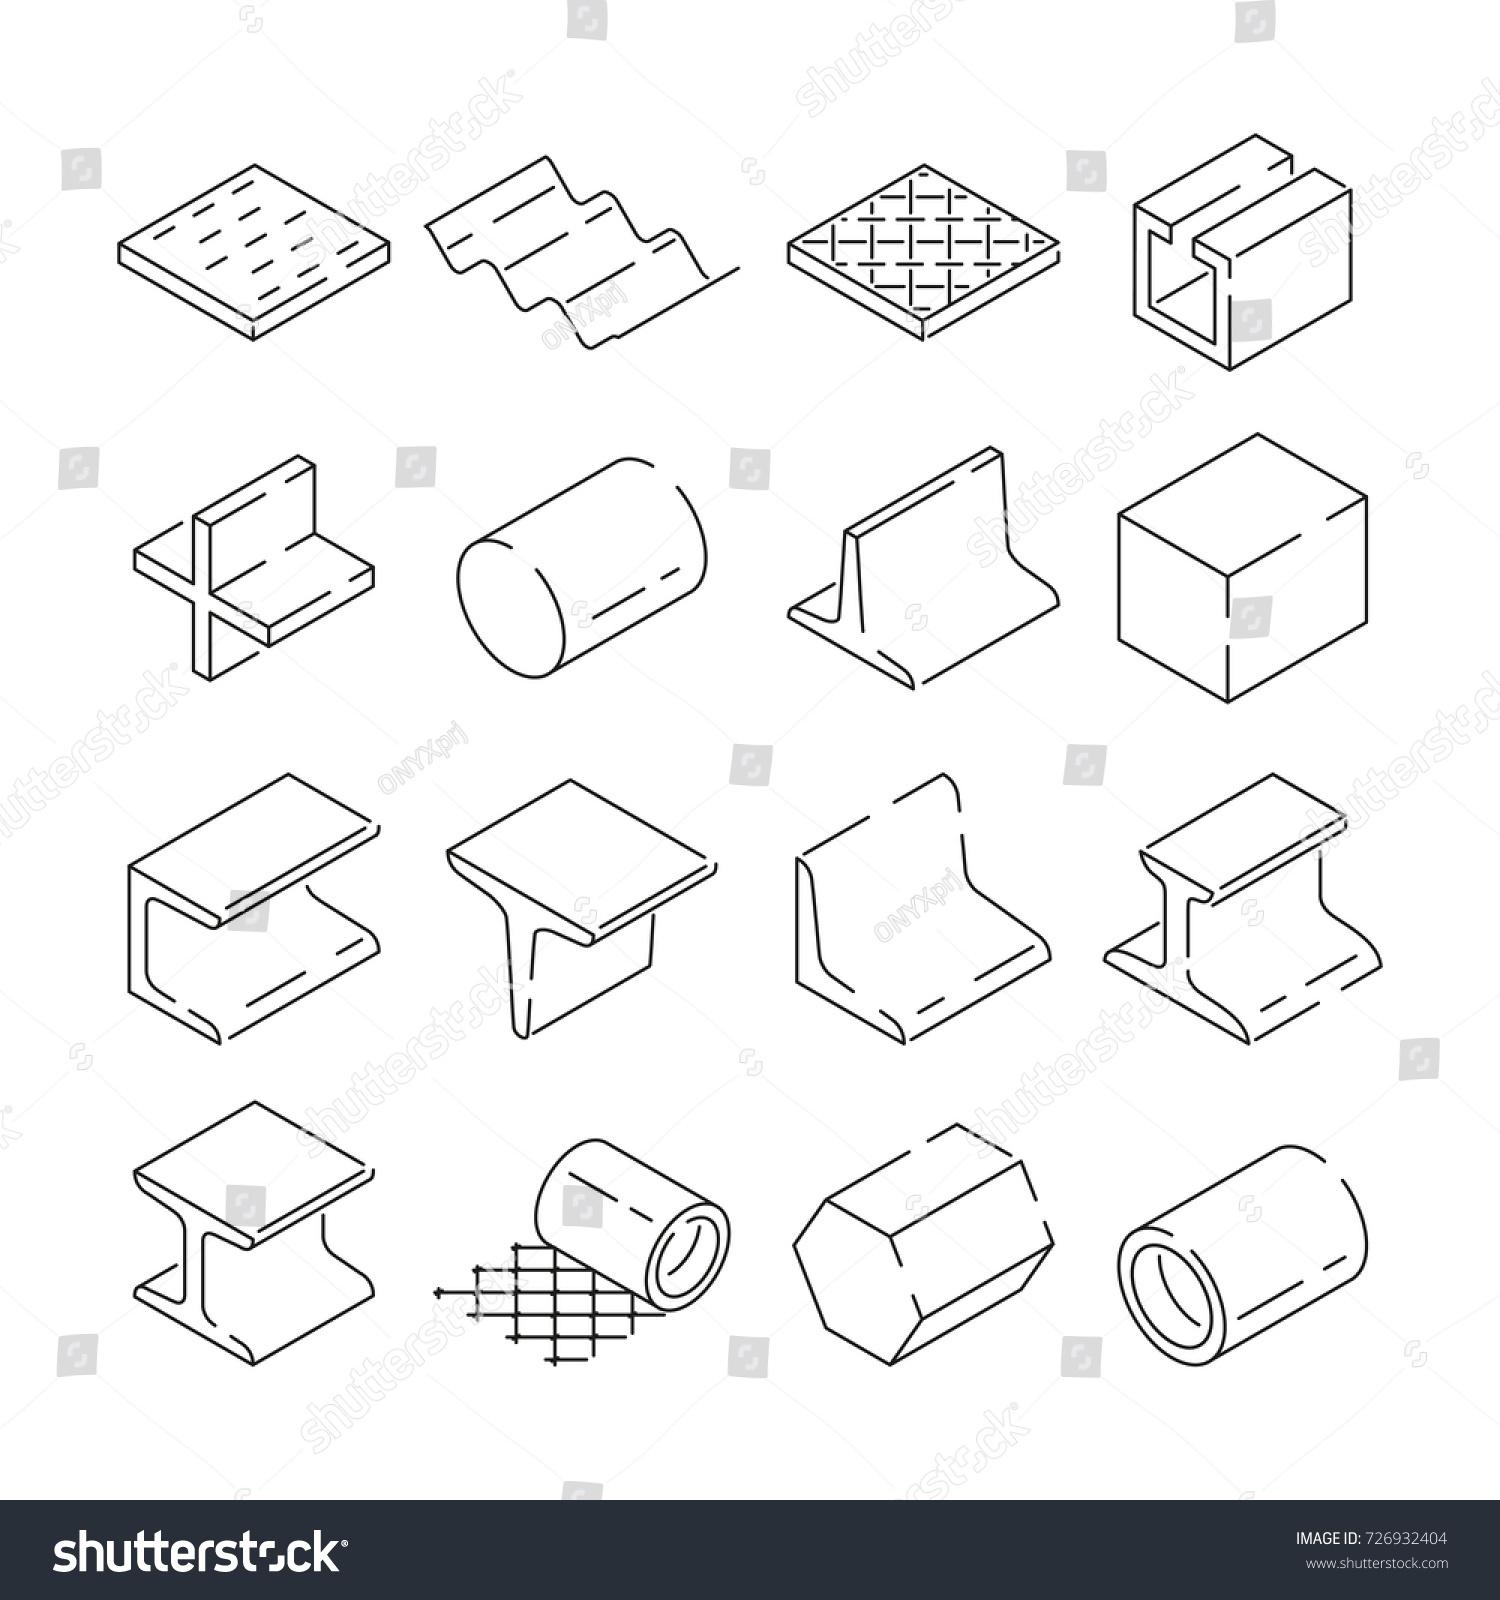 Isometric Symbols Metallurgy Pictures Iron Steel Stock Vector